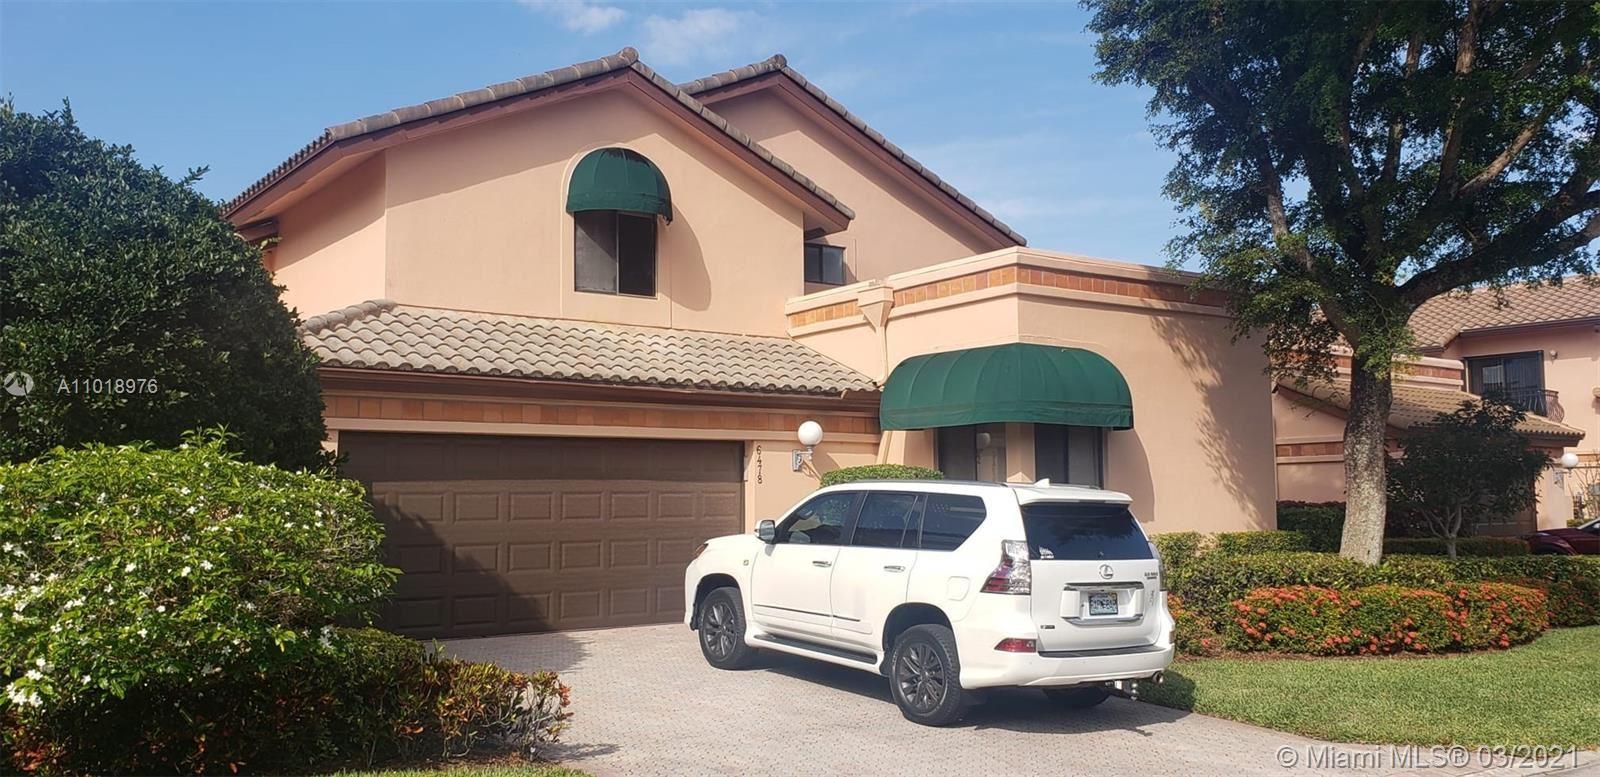 6478 Via Rosa, Boca Raton, FL 33433 - #: A11018976